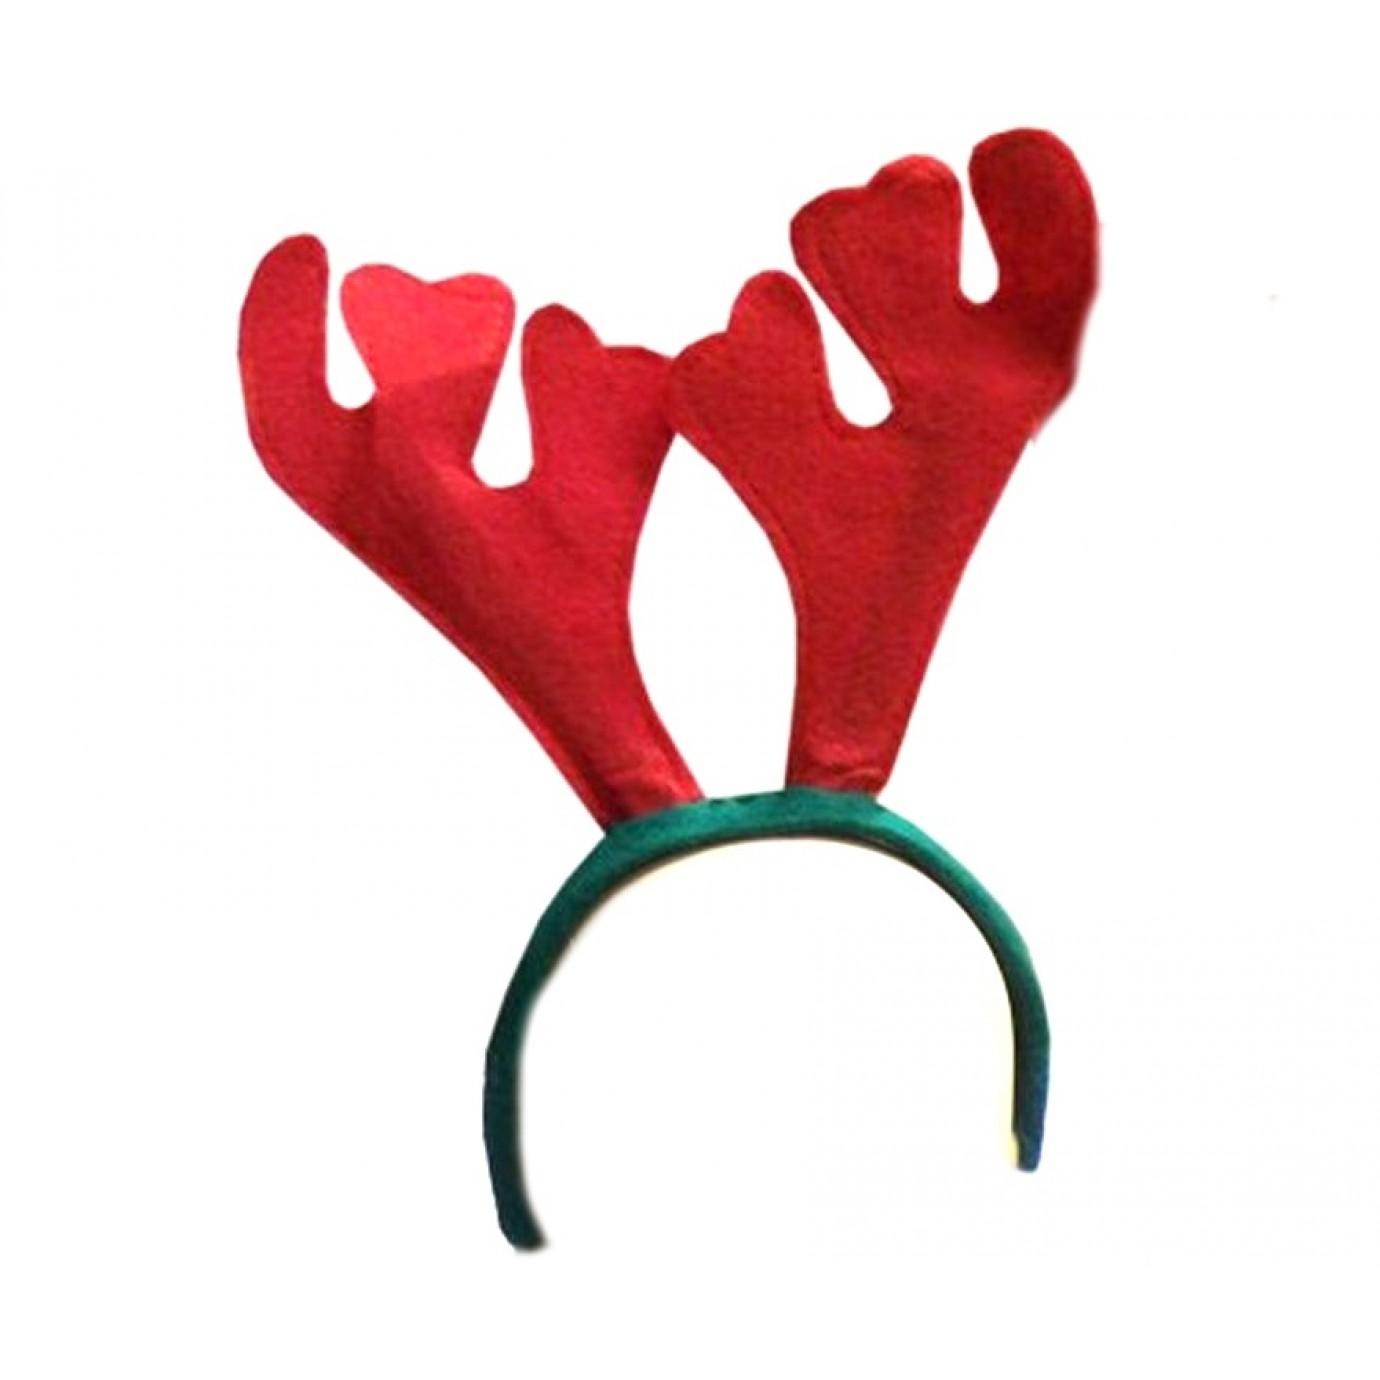 Antler clipart headband. Reindeer antlers accessories fancy